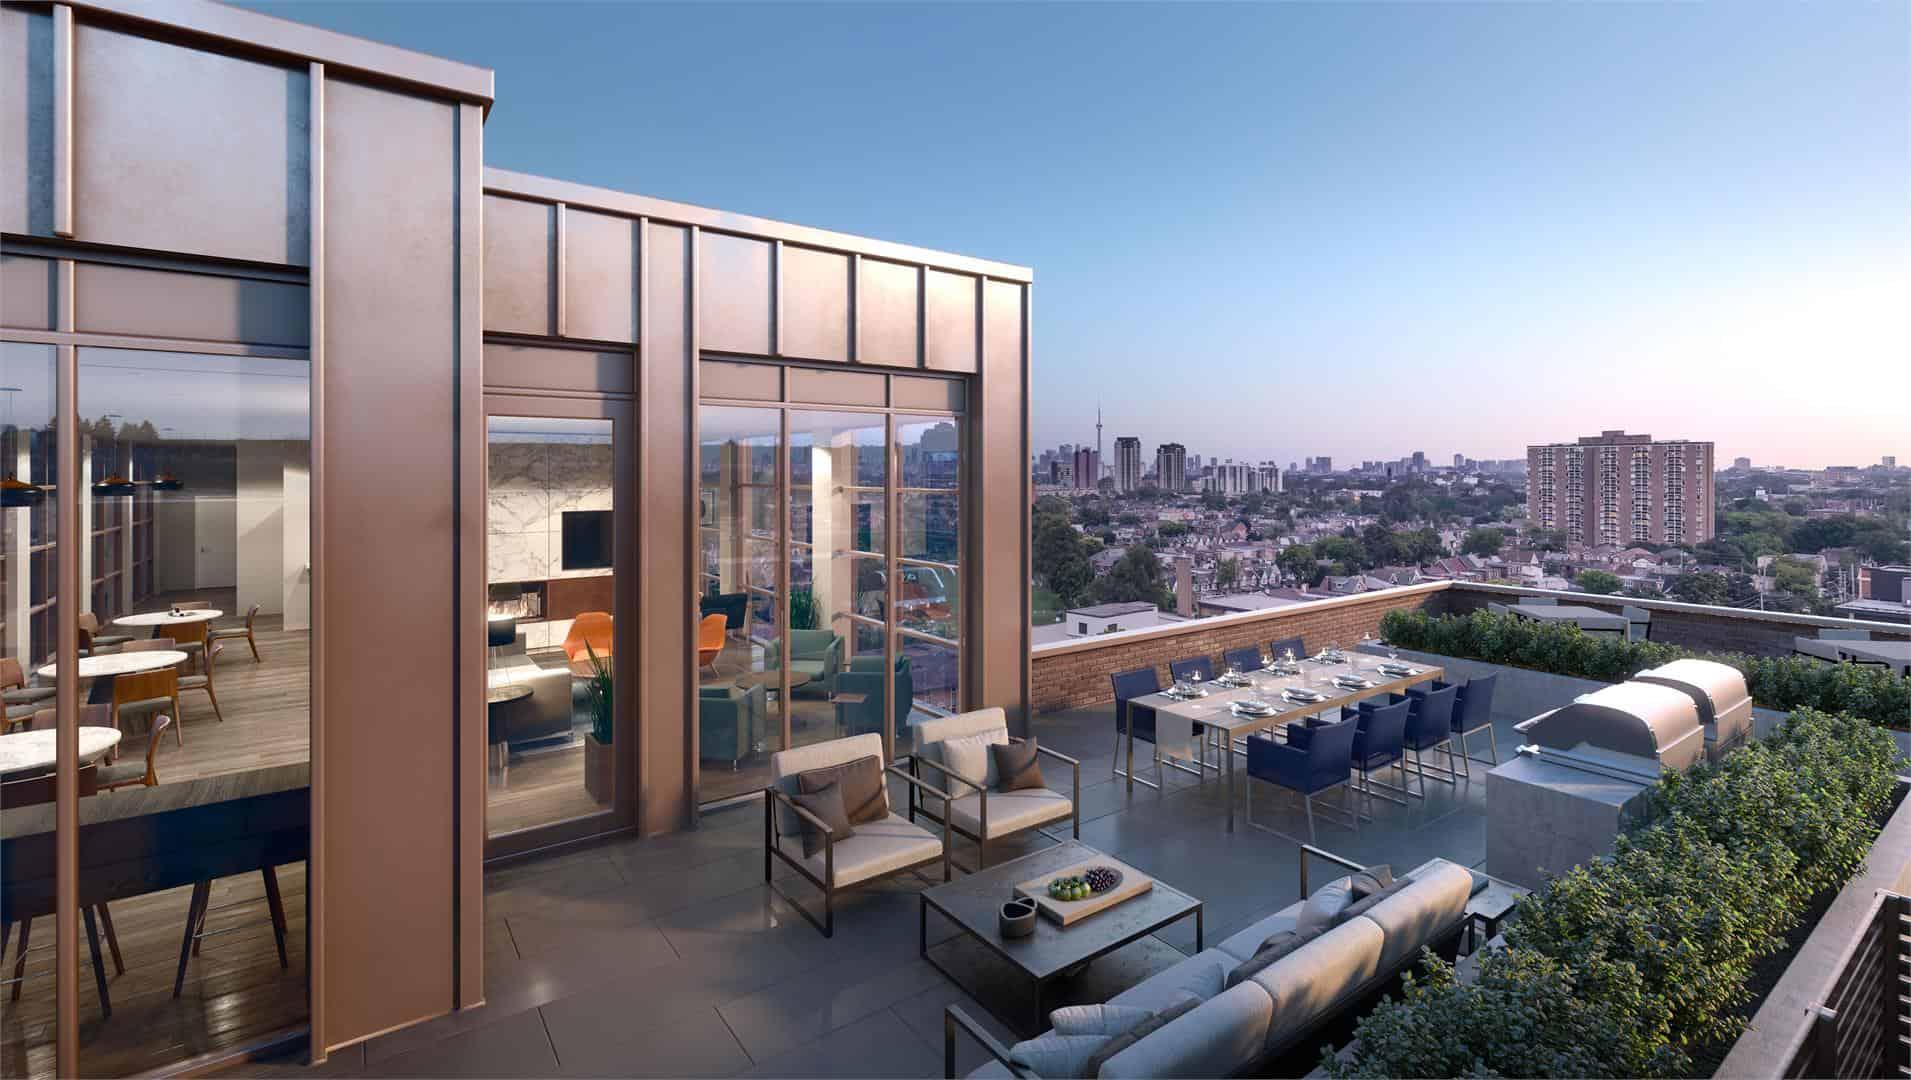 SCOUT Condos Rooftop Terrace True Condos